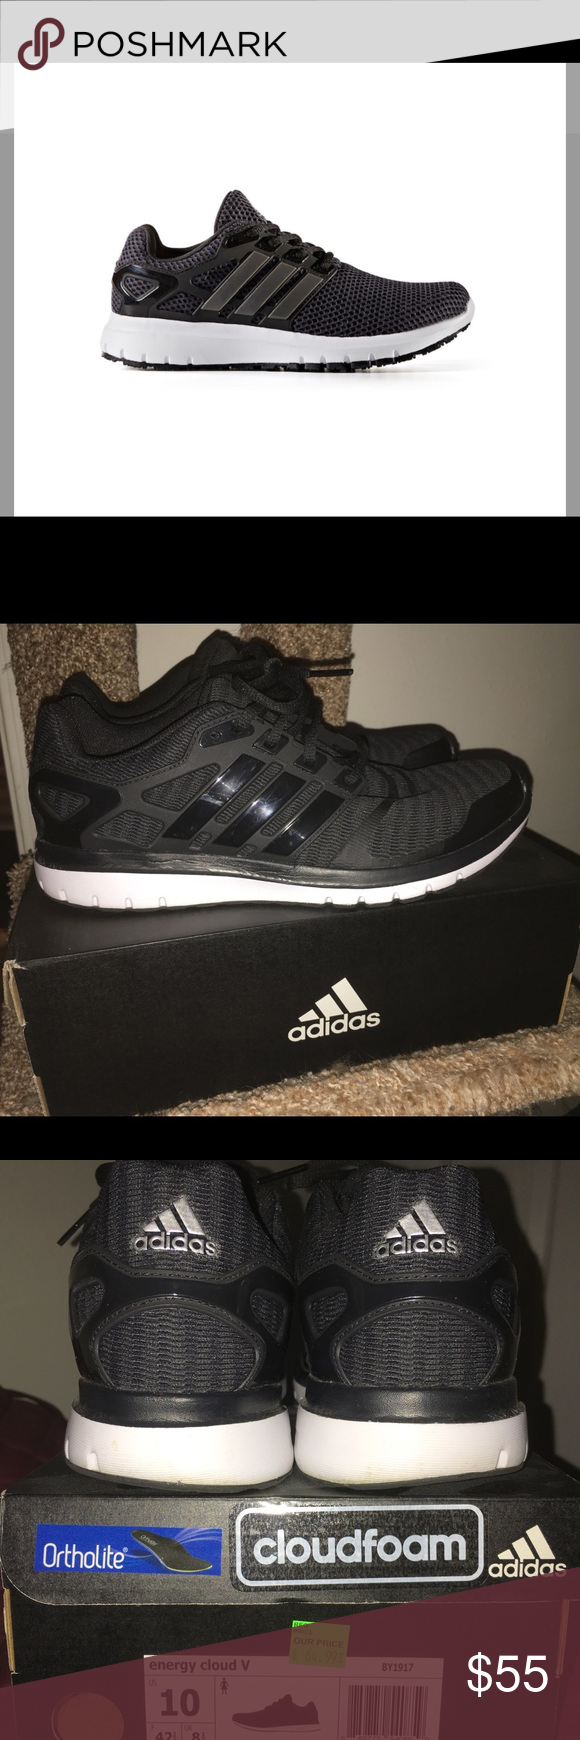 Adidas Energy Cloud V zapatillas zapatos 10m mujer 's corriendo zapatos zapatillas dccd81